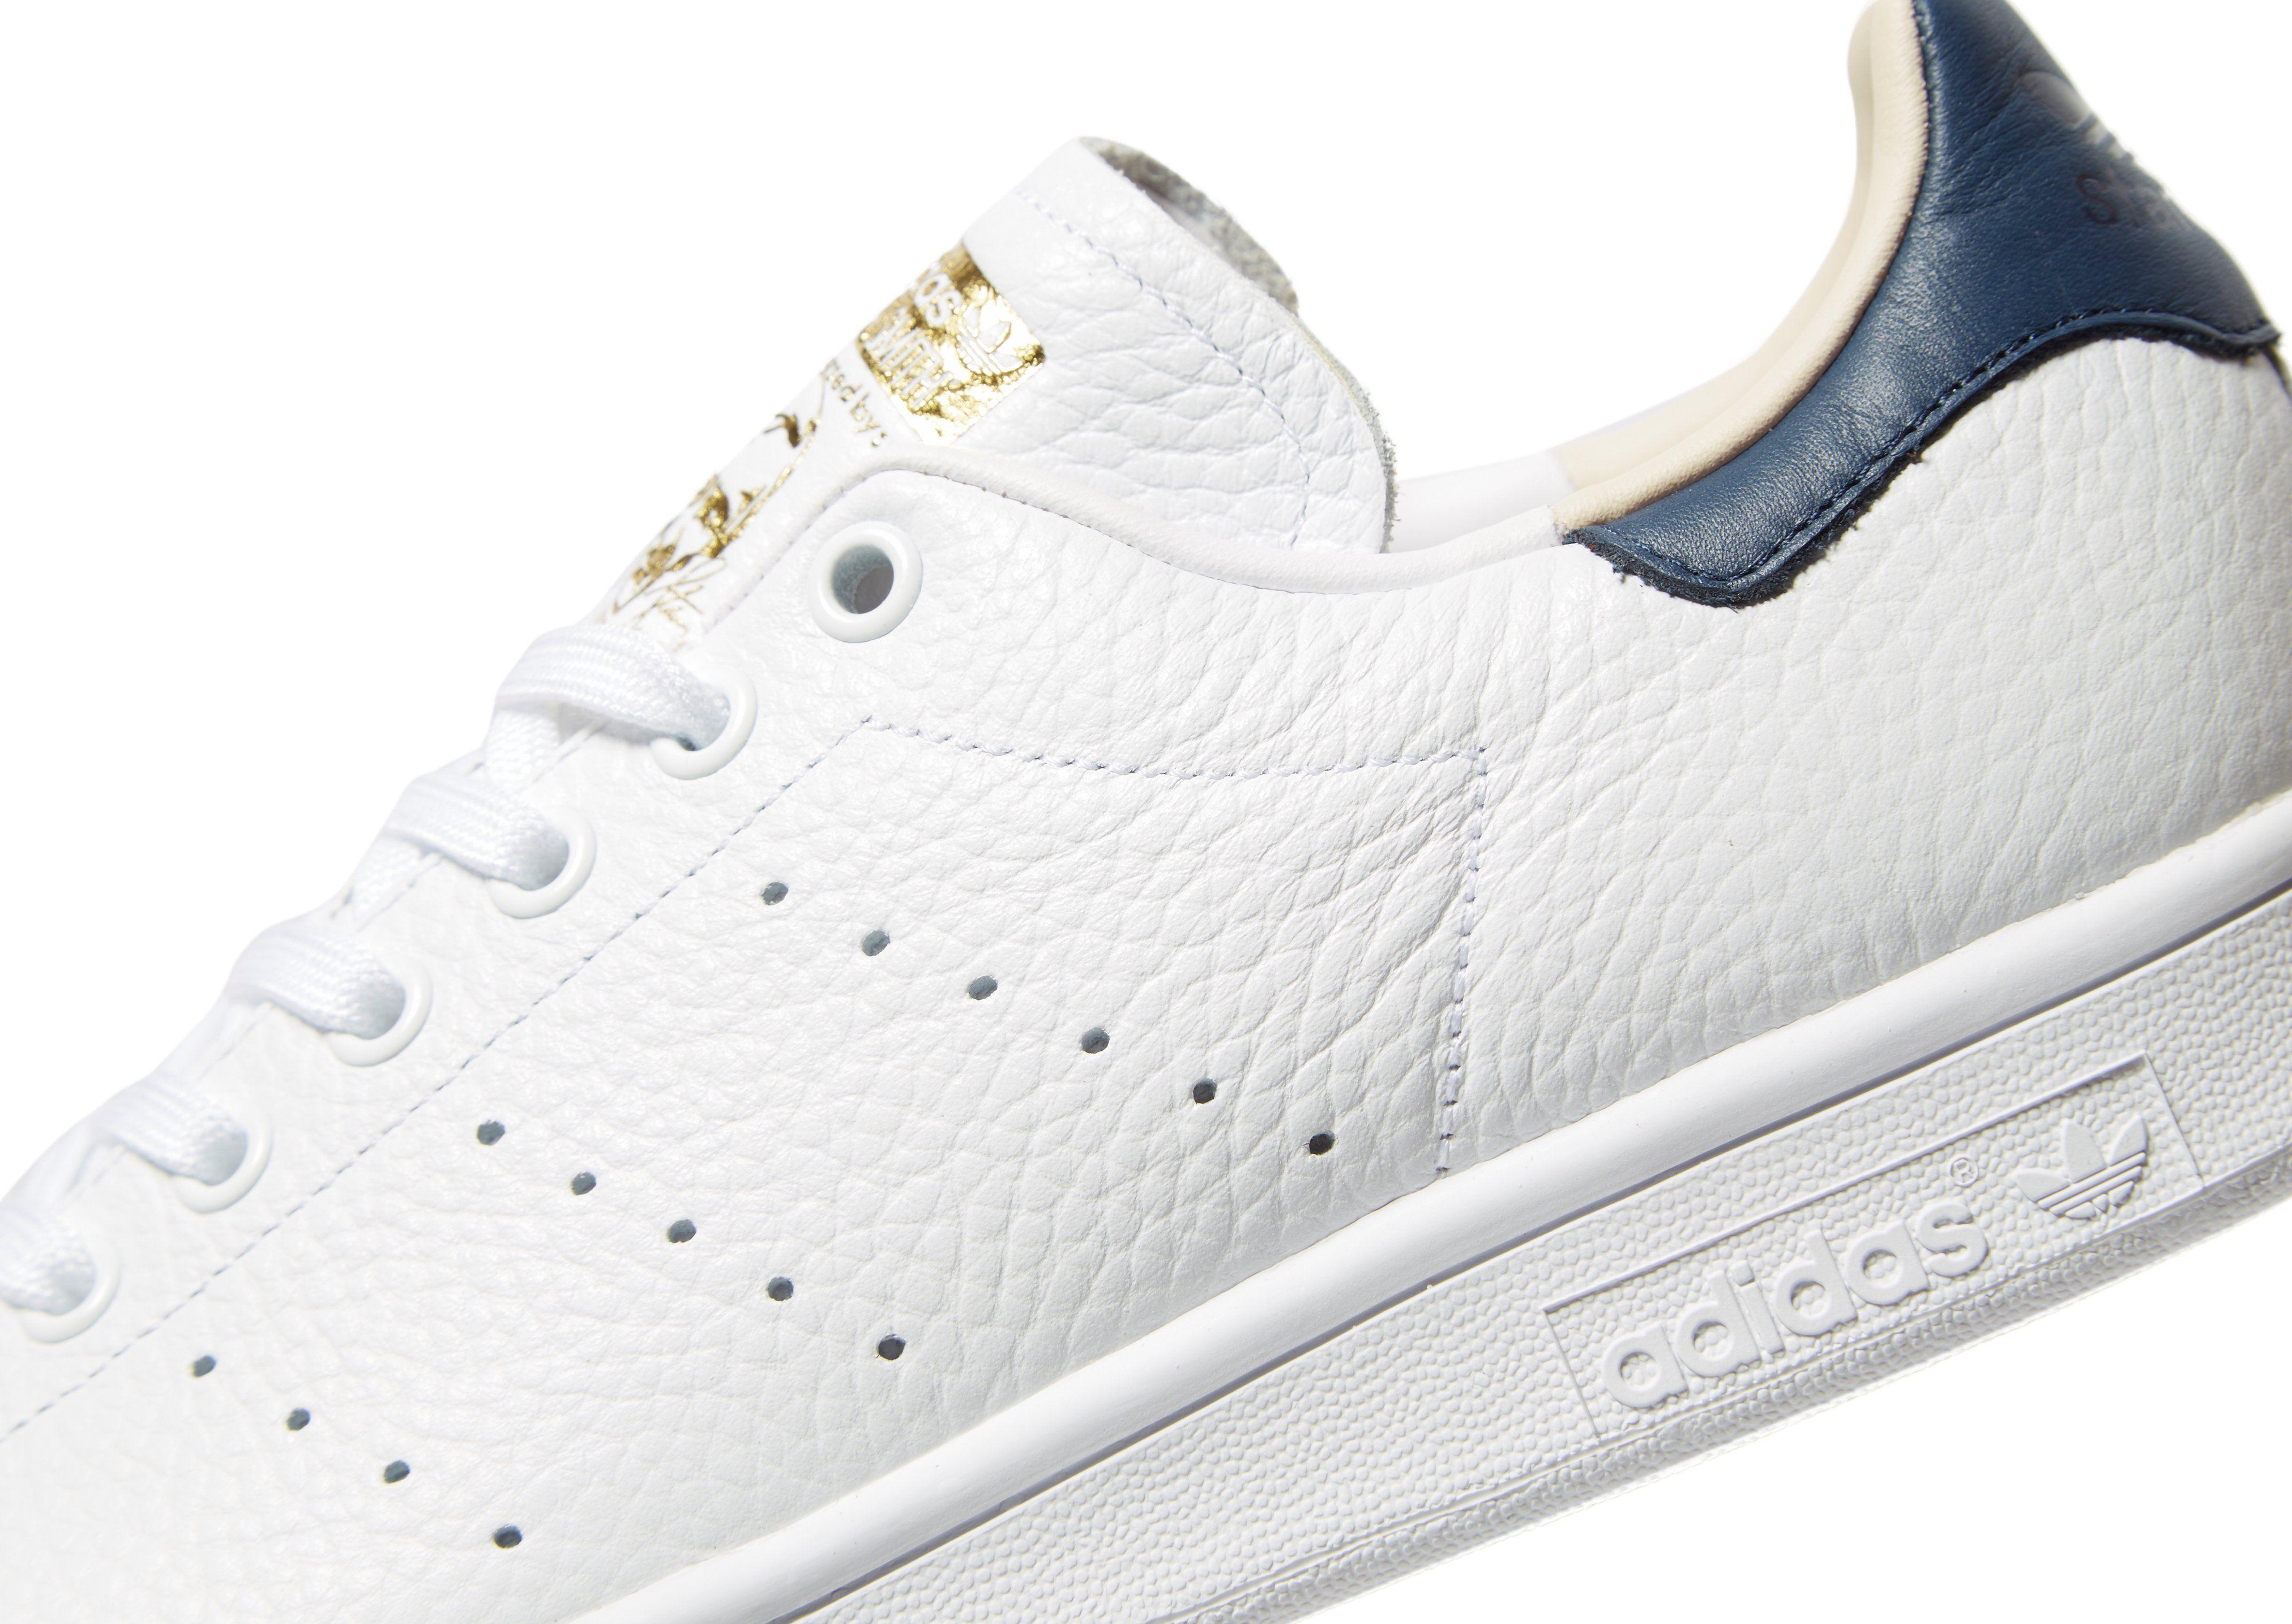 adidas Originals Stan Smith Recon Weiss Sie Günstig Online Qualität Ebay Online Freies Verschiffen Nicekicks Verschleißfestigkeit Perfekt h2GG7